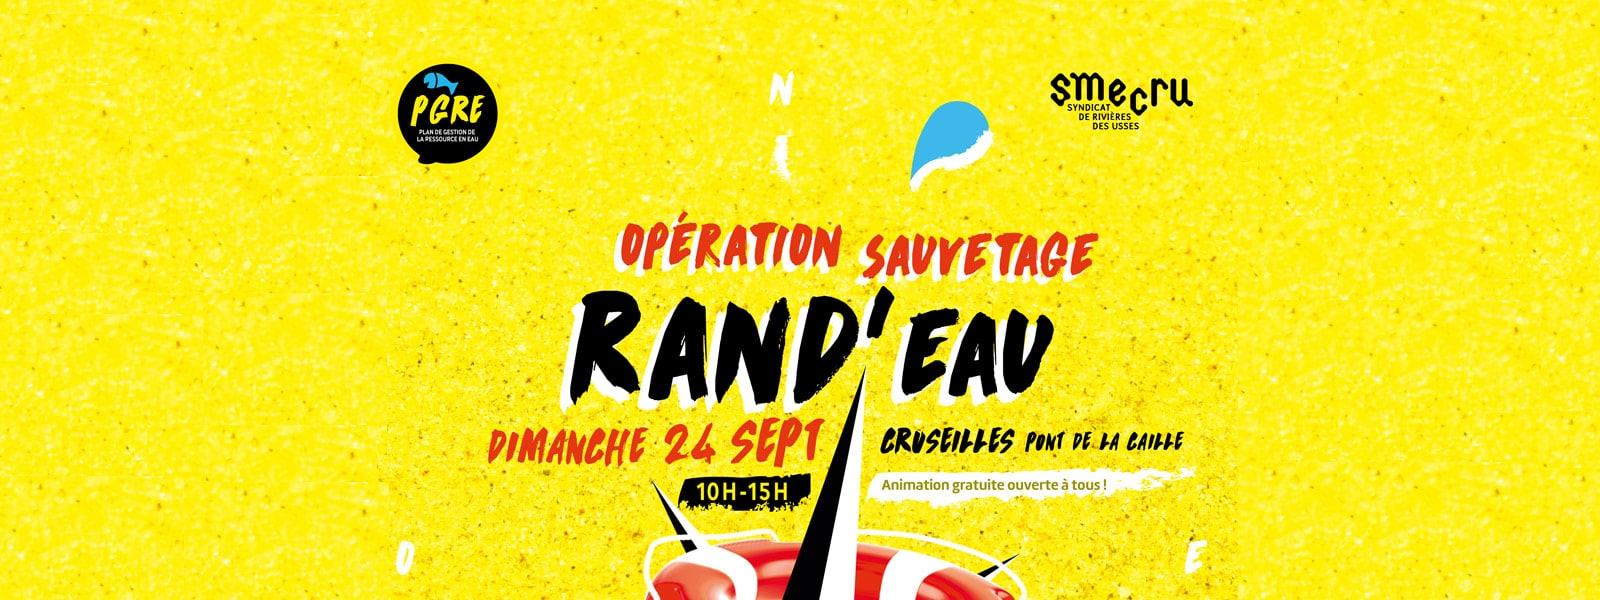 Rand'Eau, Opération sauvetage organisée par le SMECRU, le 24 septembre 2017.